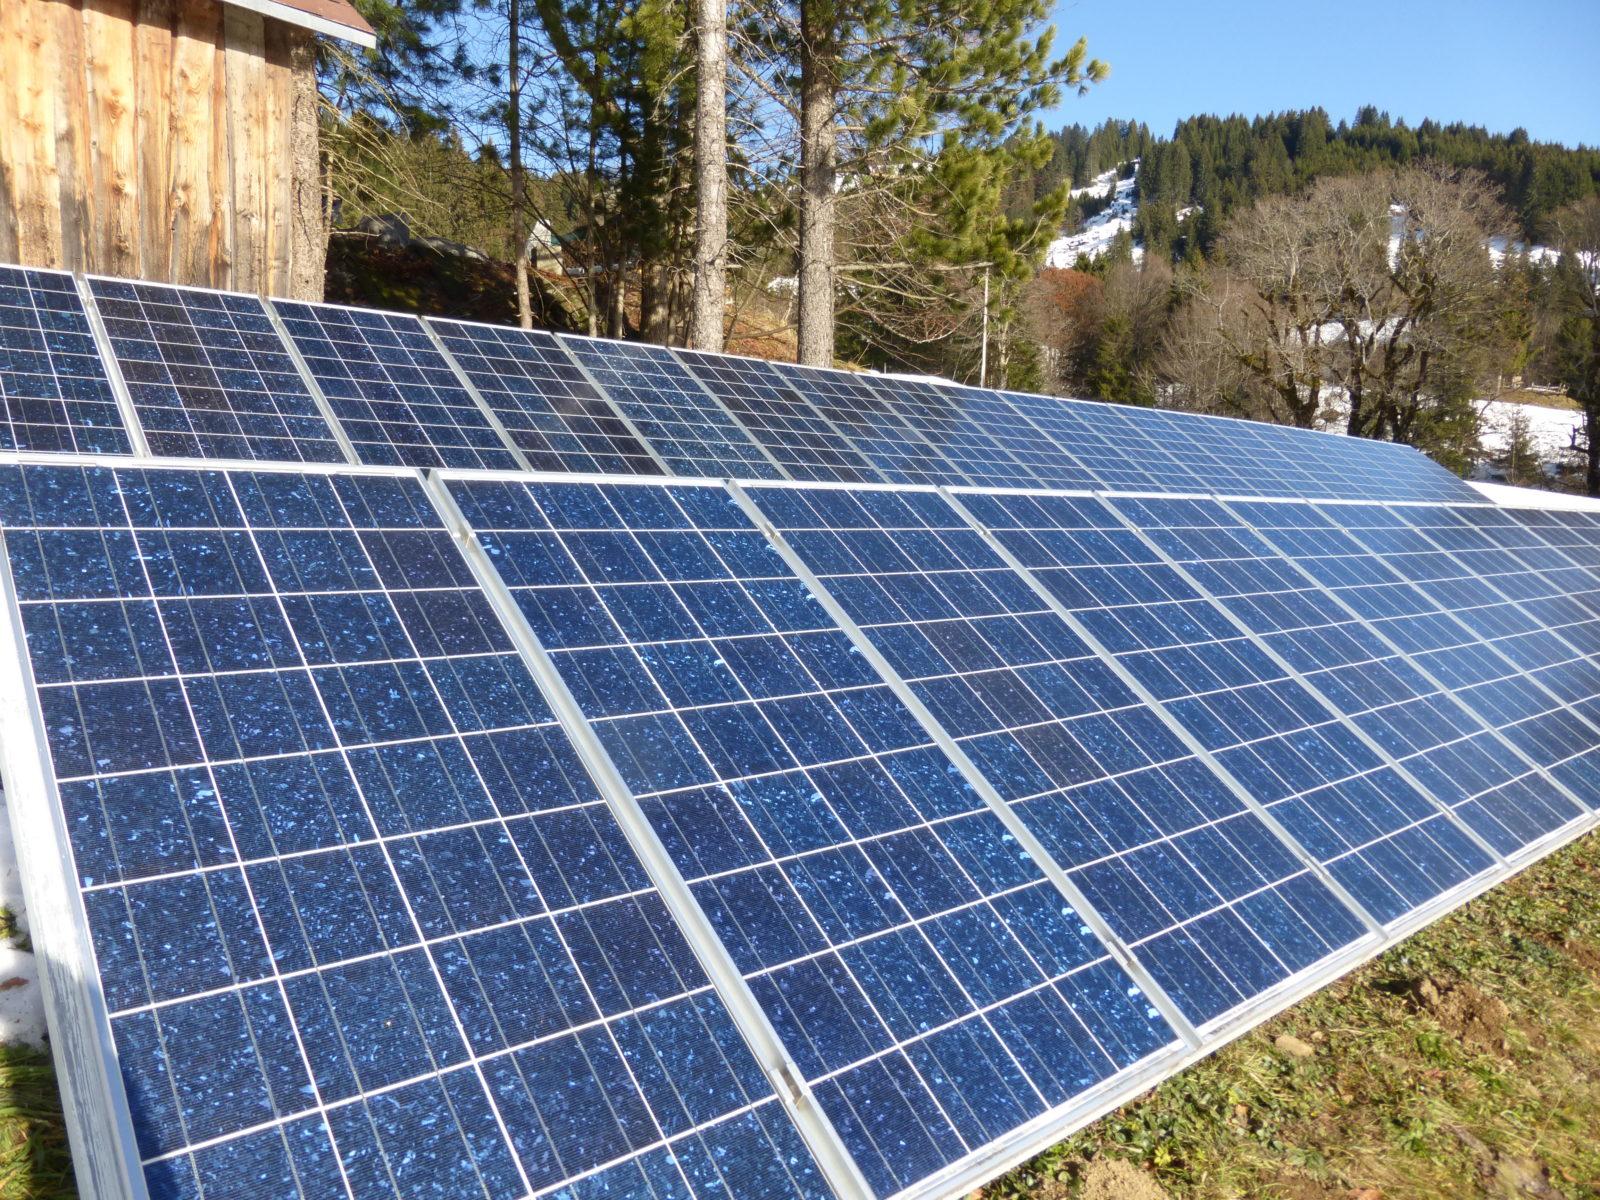 ökologisches Bauen mit erneuerbaren Energien